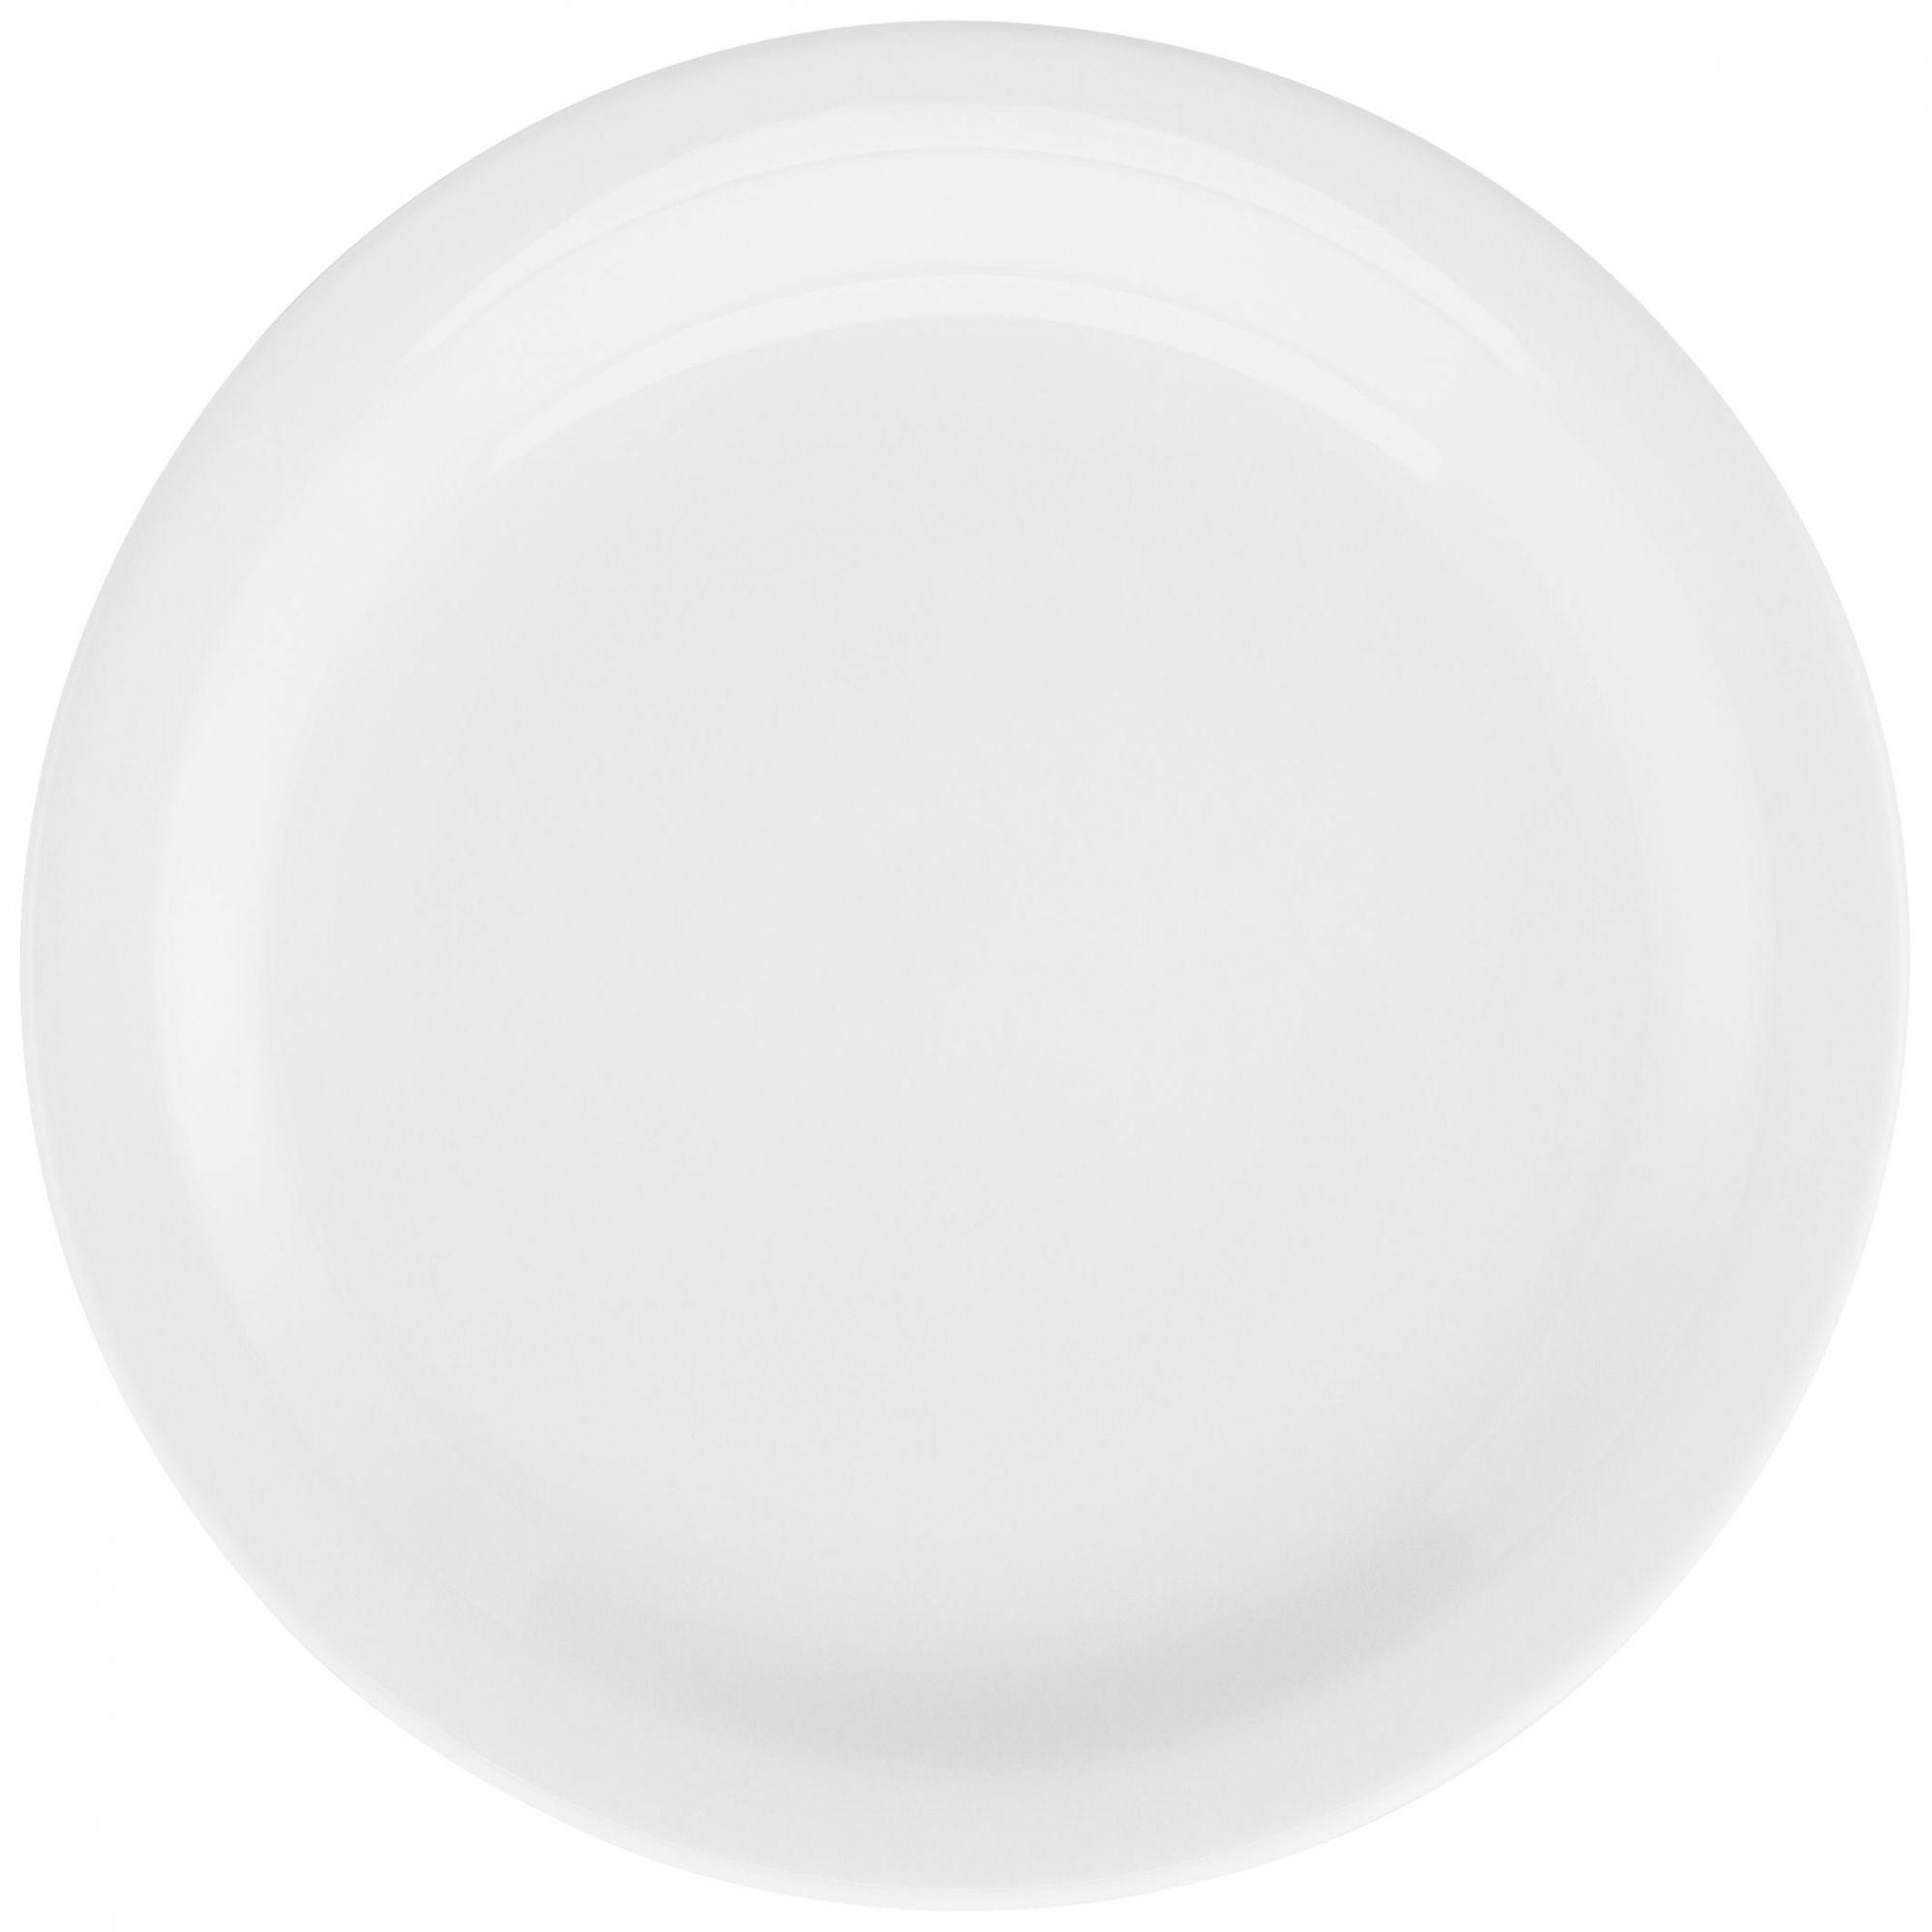 Prato Raso 27 cm Gourmet Pró Branco